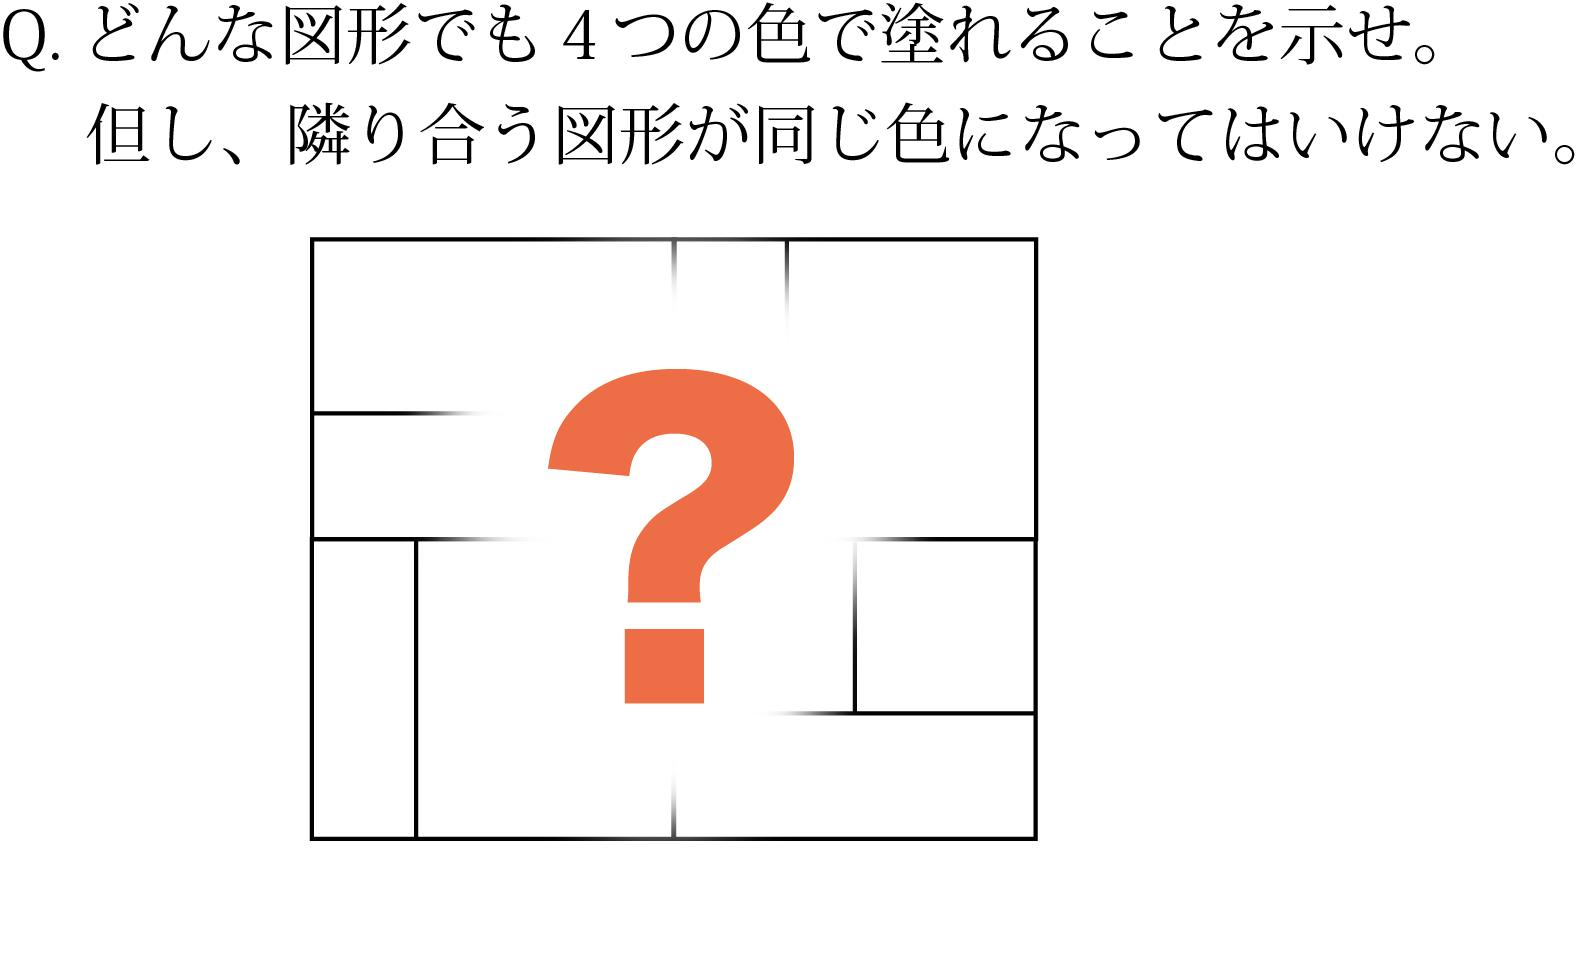 「いろわけ」の問題4